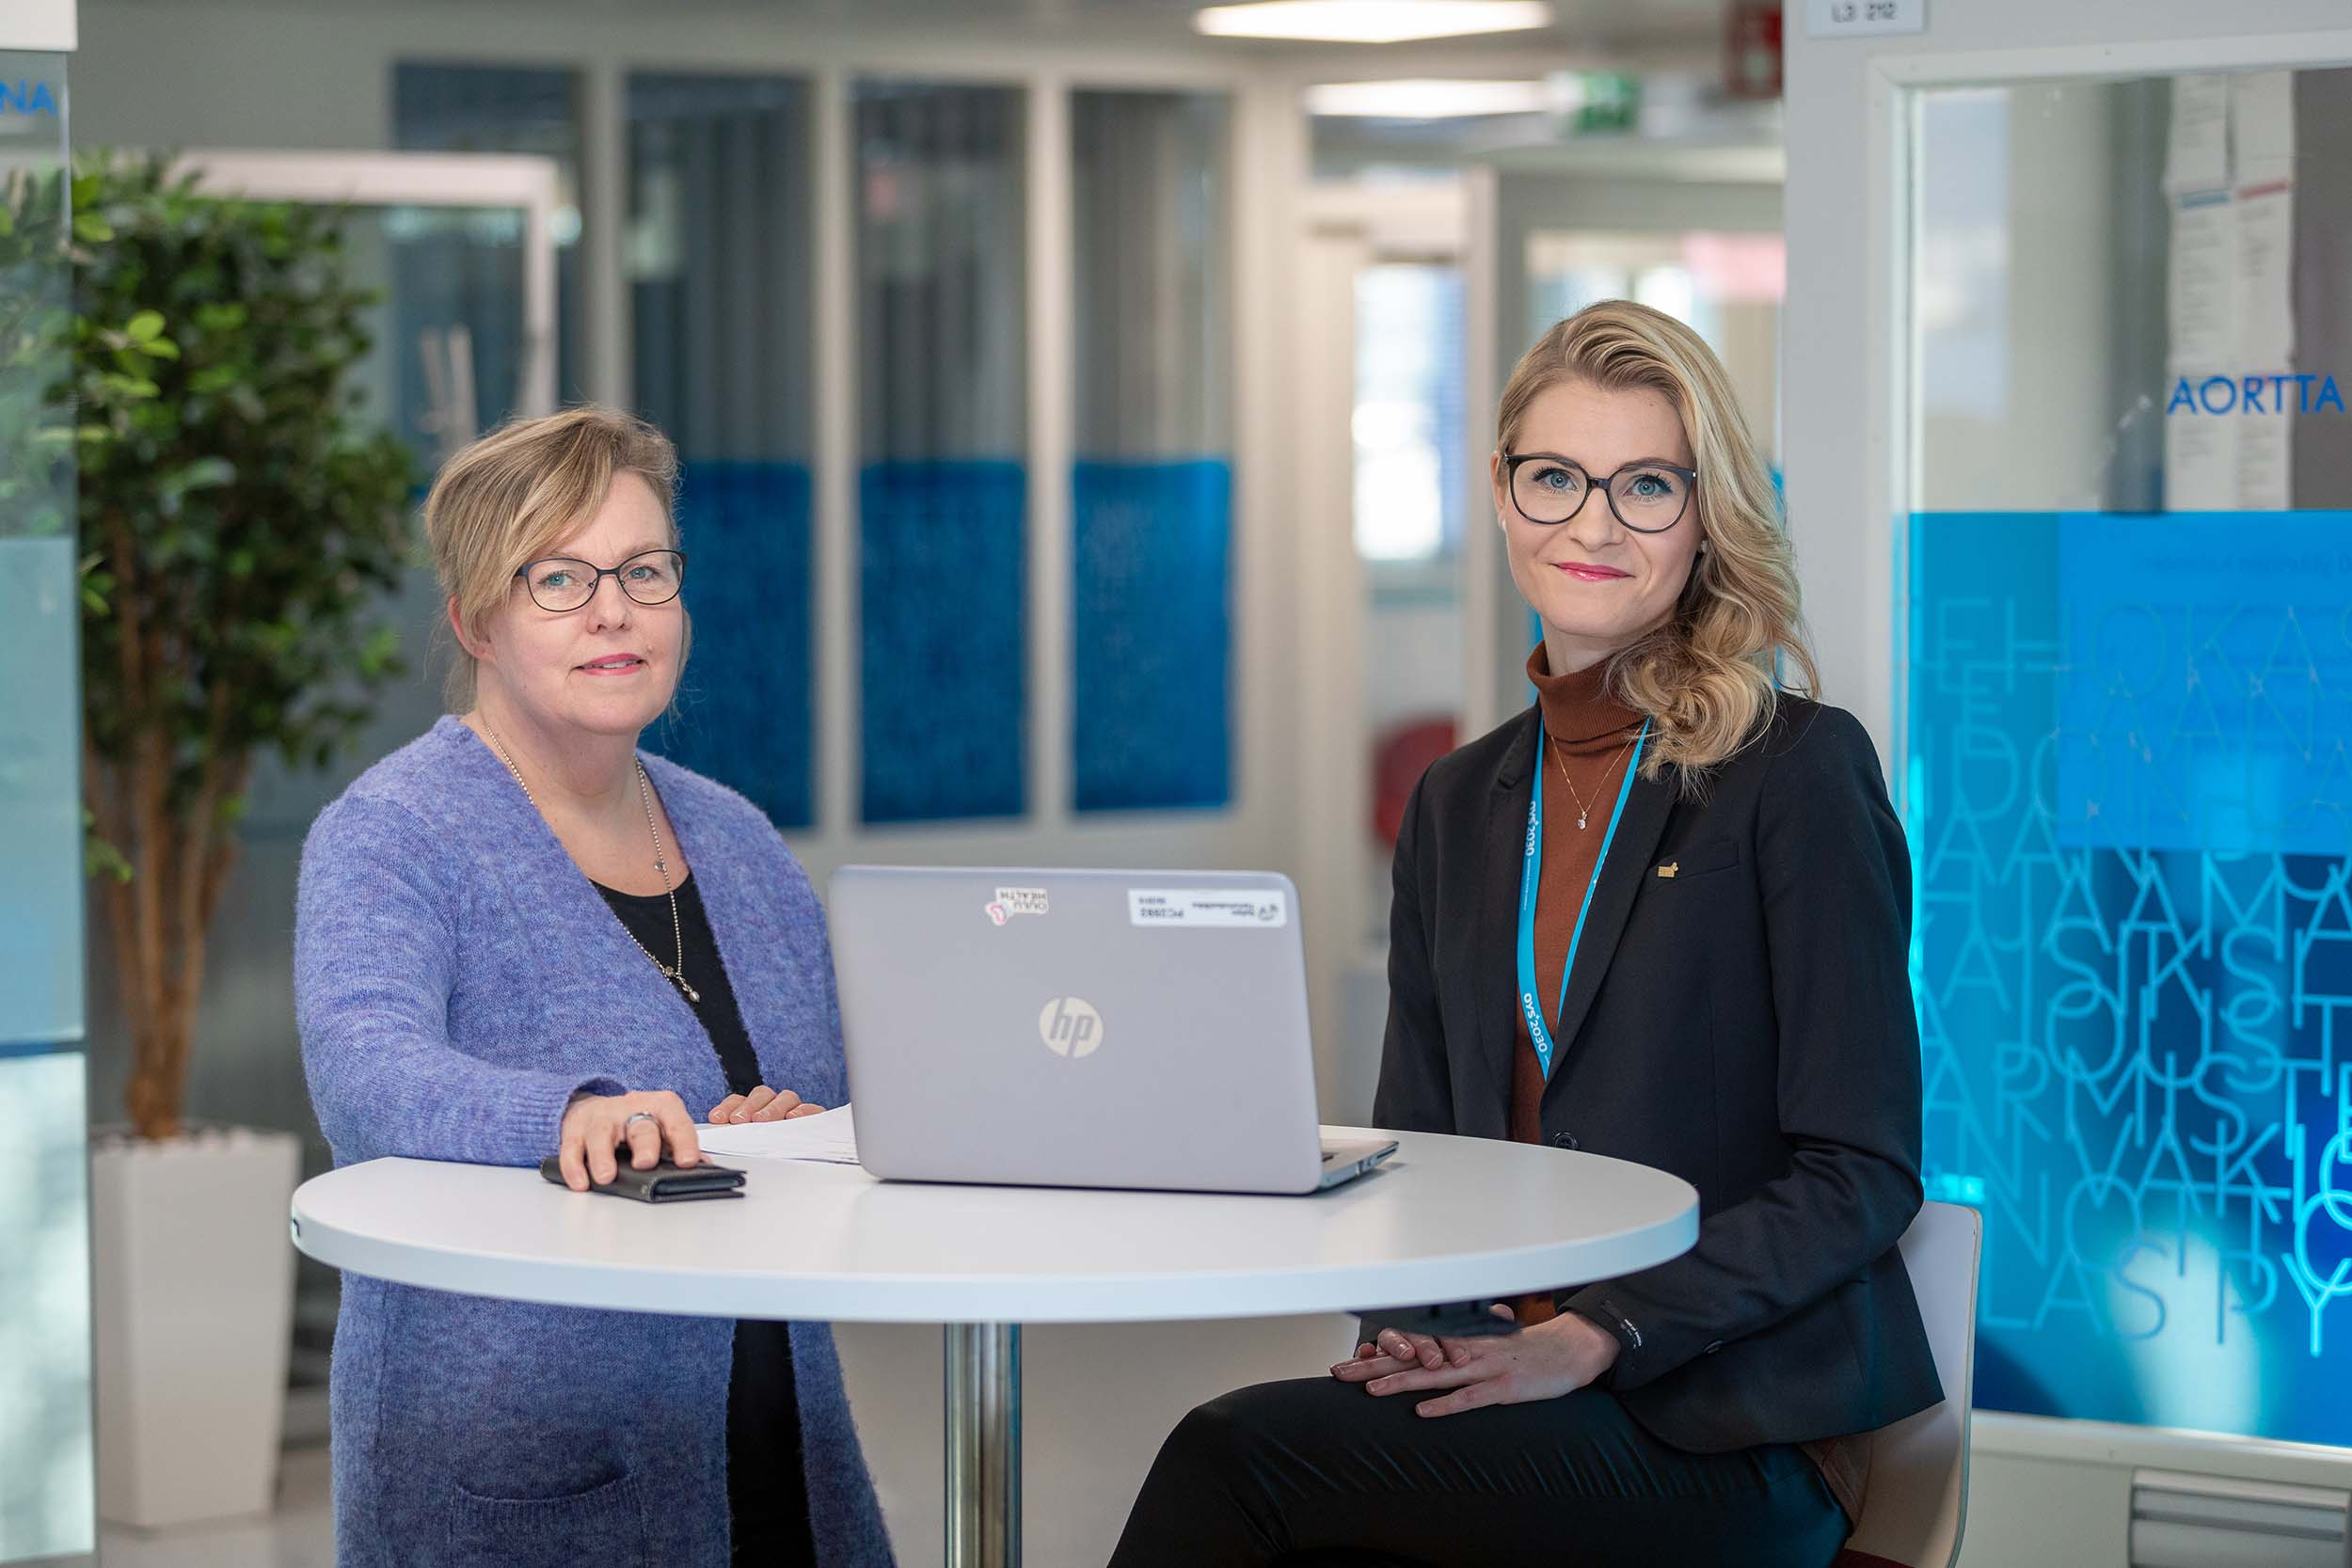 Kaksi naista poseeraa kameralle vierekkäin toimistotilassa, pystypöydän äärellä. Pöydällä on laptop kansi avoimena.